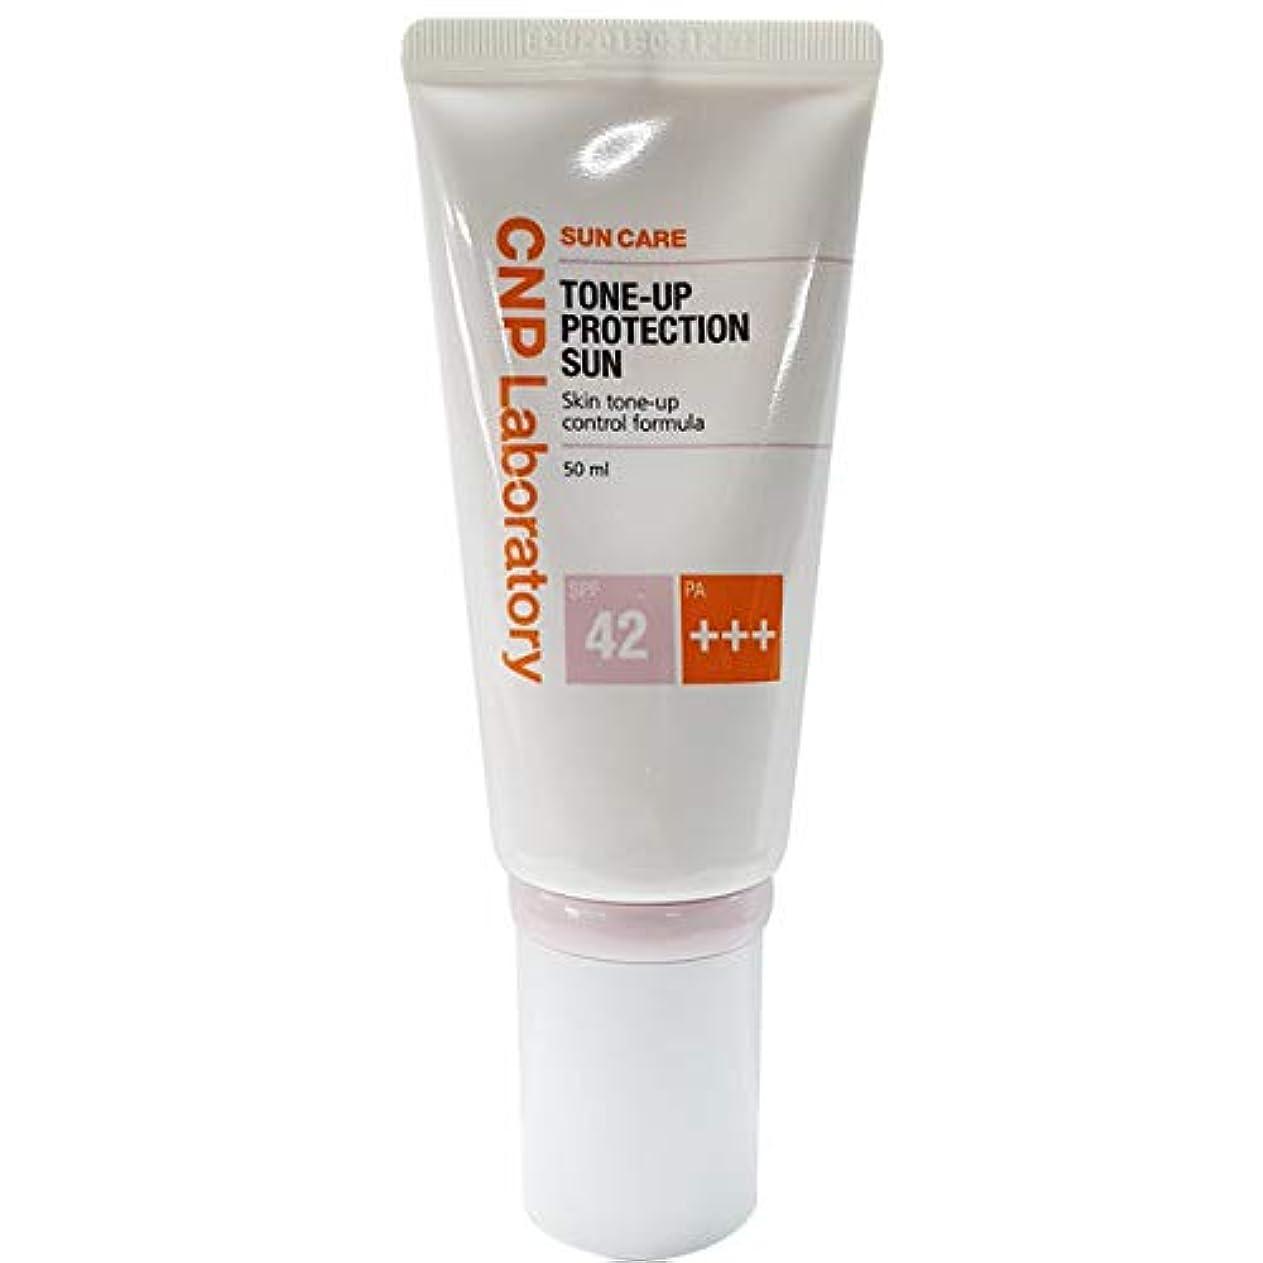 そんなに主導権大人CNP チャアンドパク トンオププロテクションサン?クリーム紫外線遮断剤 50ml (SPF42 / PA+++)、2019 NEW, CNP Tone-up Protection Sun Cream/韓国日焼け止め